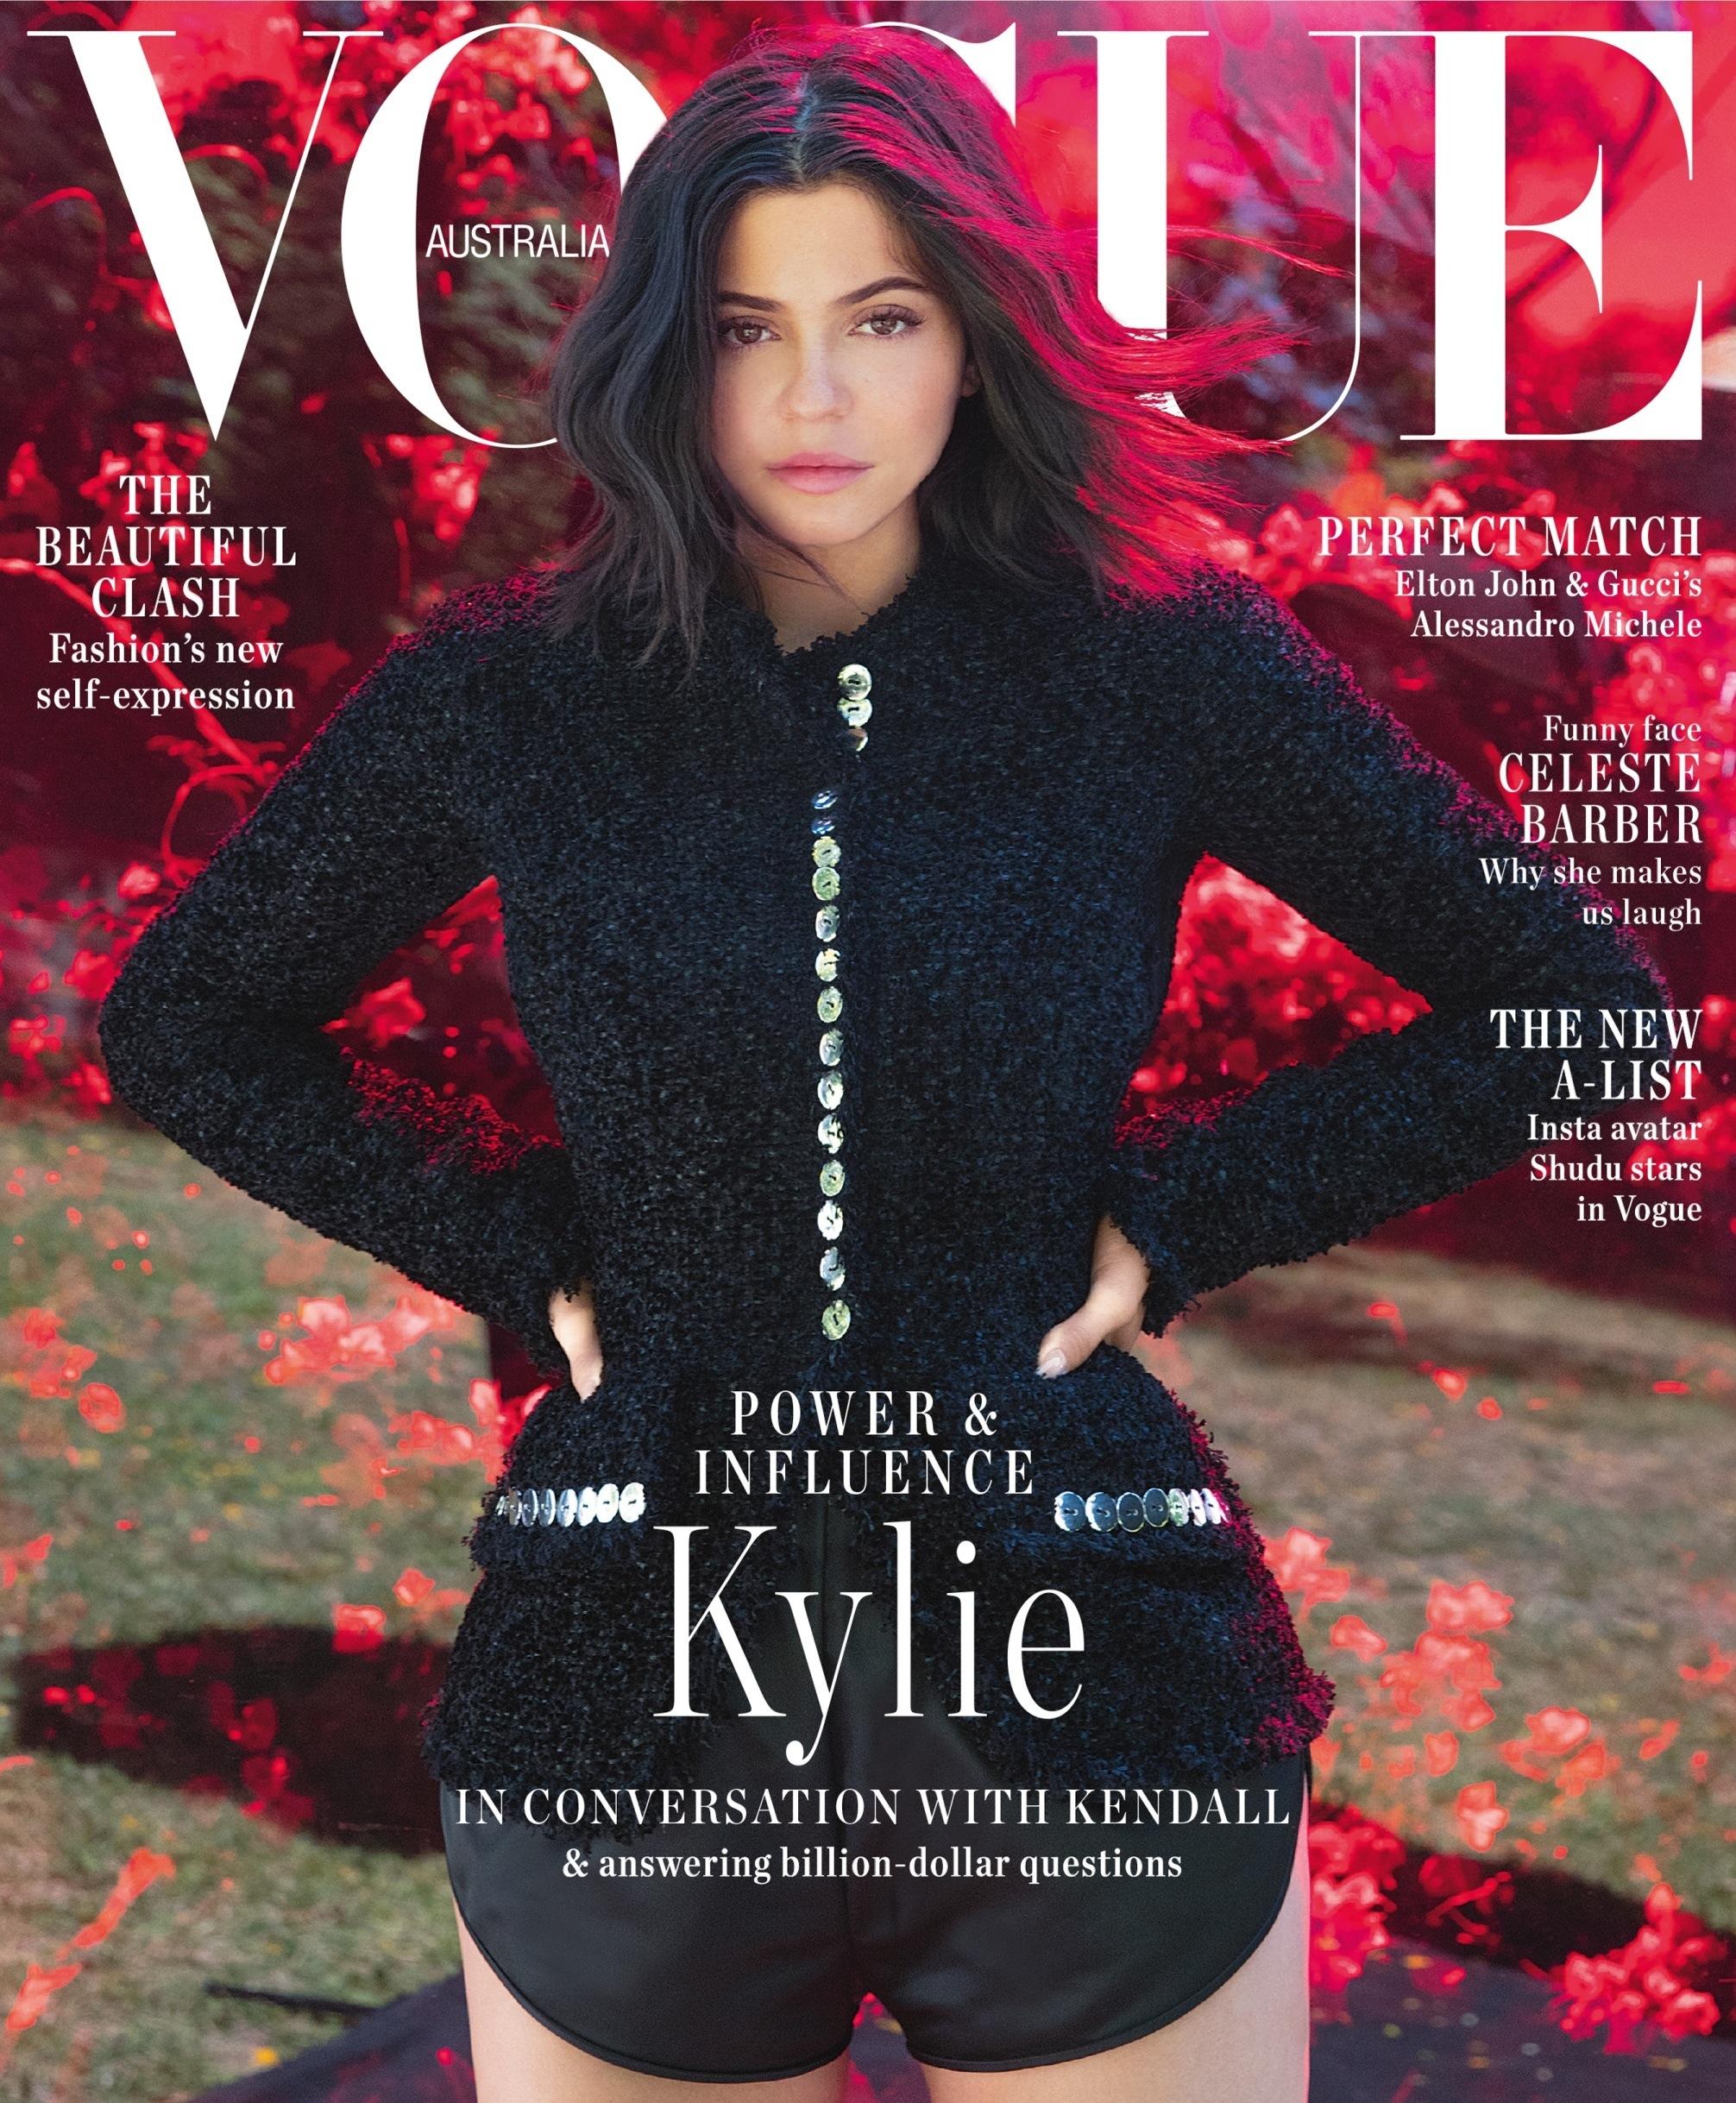 Vogue Cover: Vogue Australia Reprints September Issue